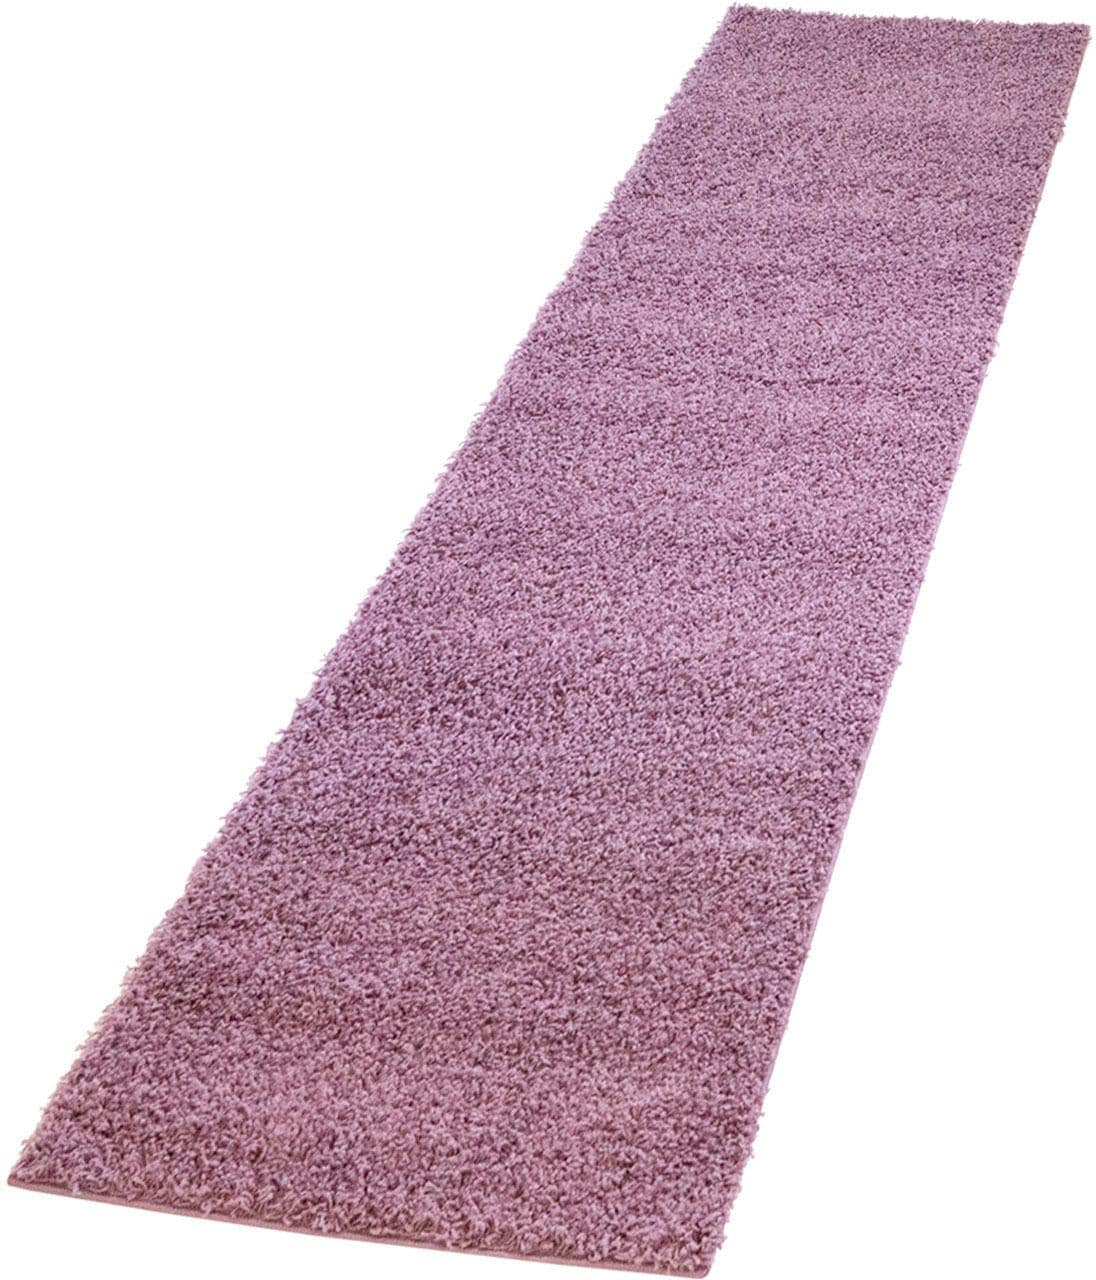 Hochflor-Läufer Pastell Shaggy300 Carpet City rechteckig Höhe 30 mm maschinell gewebt | Heimtextilien > Teppiche > Läufer | Lila | Carpet City